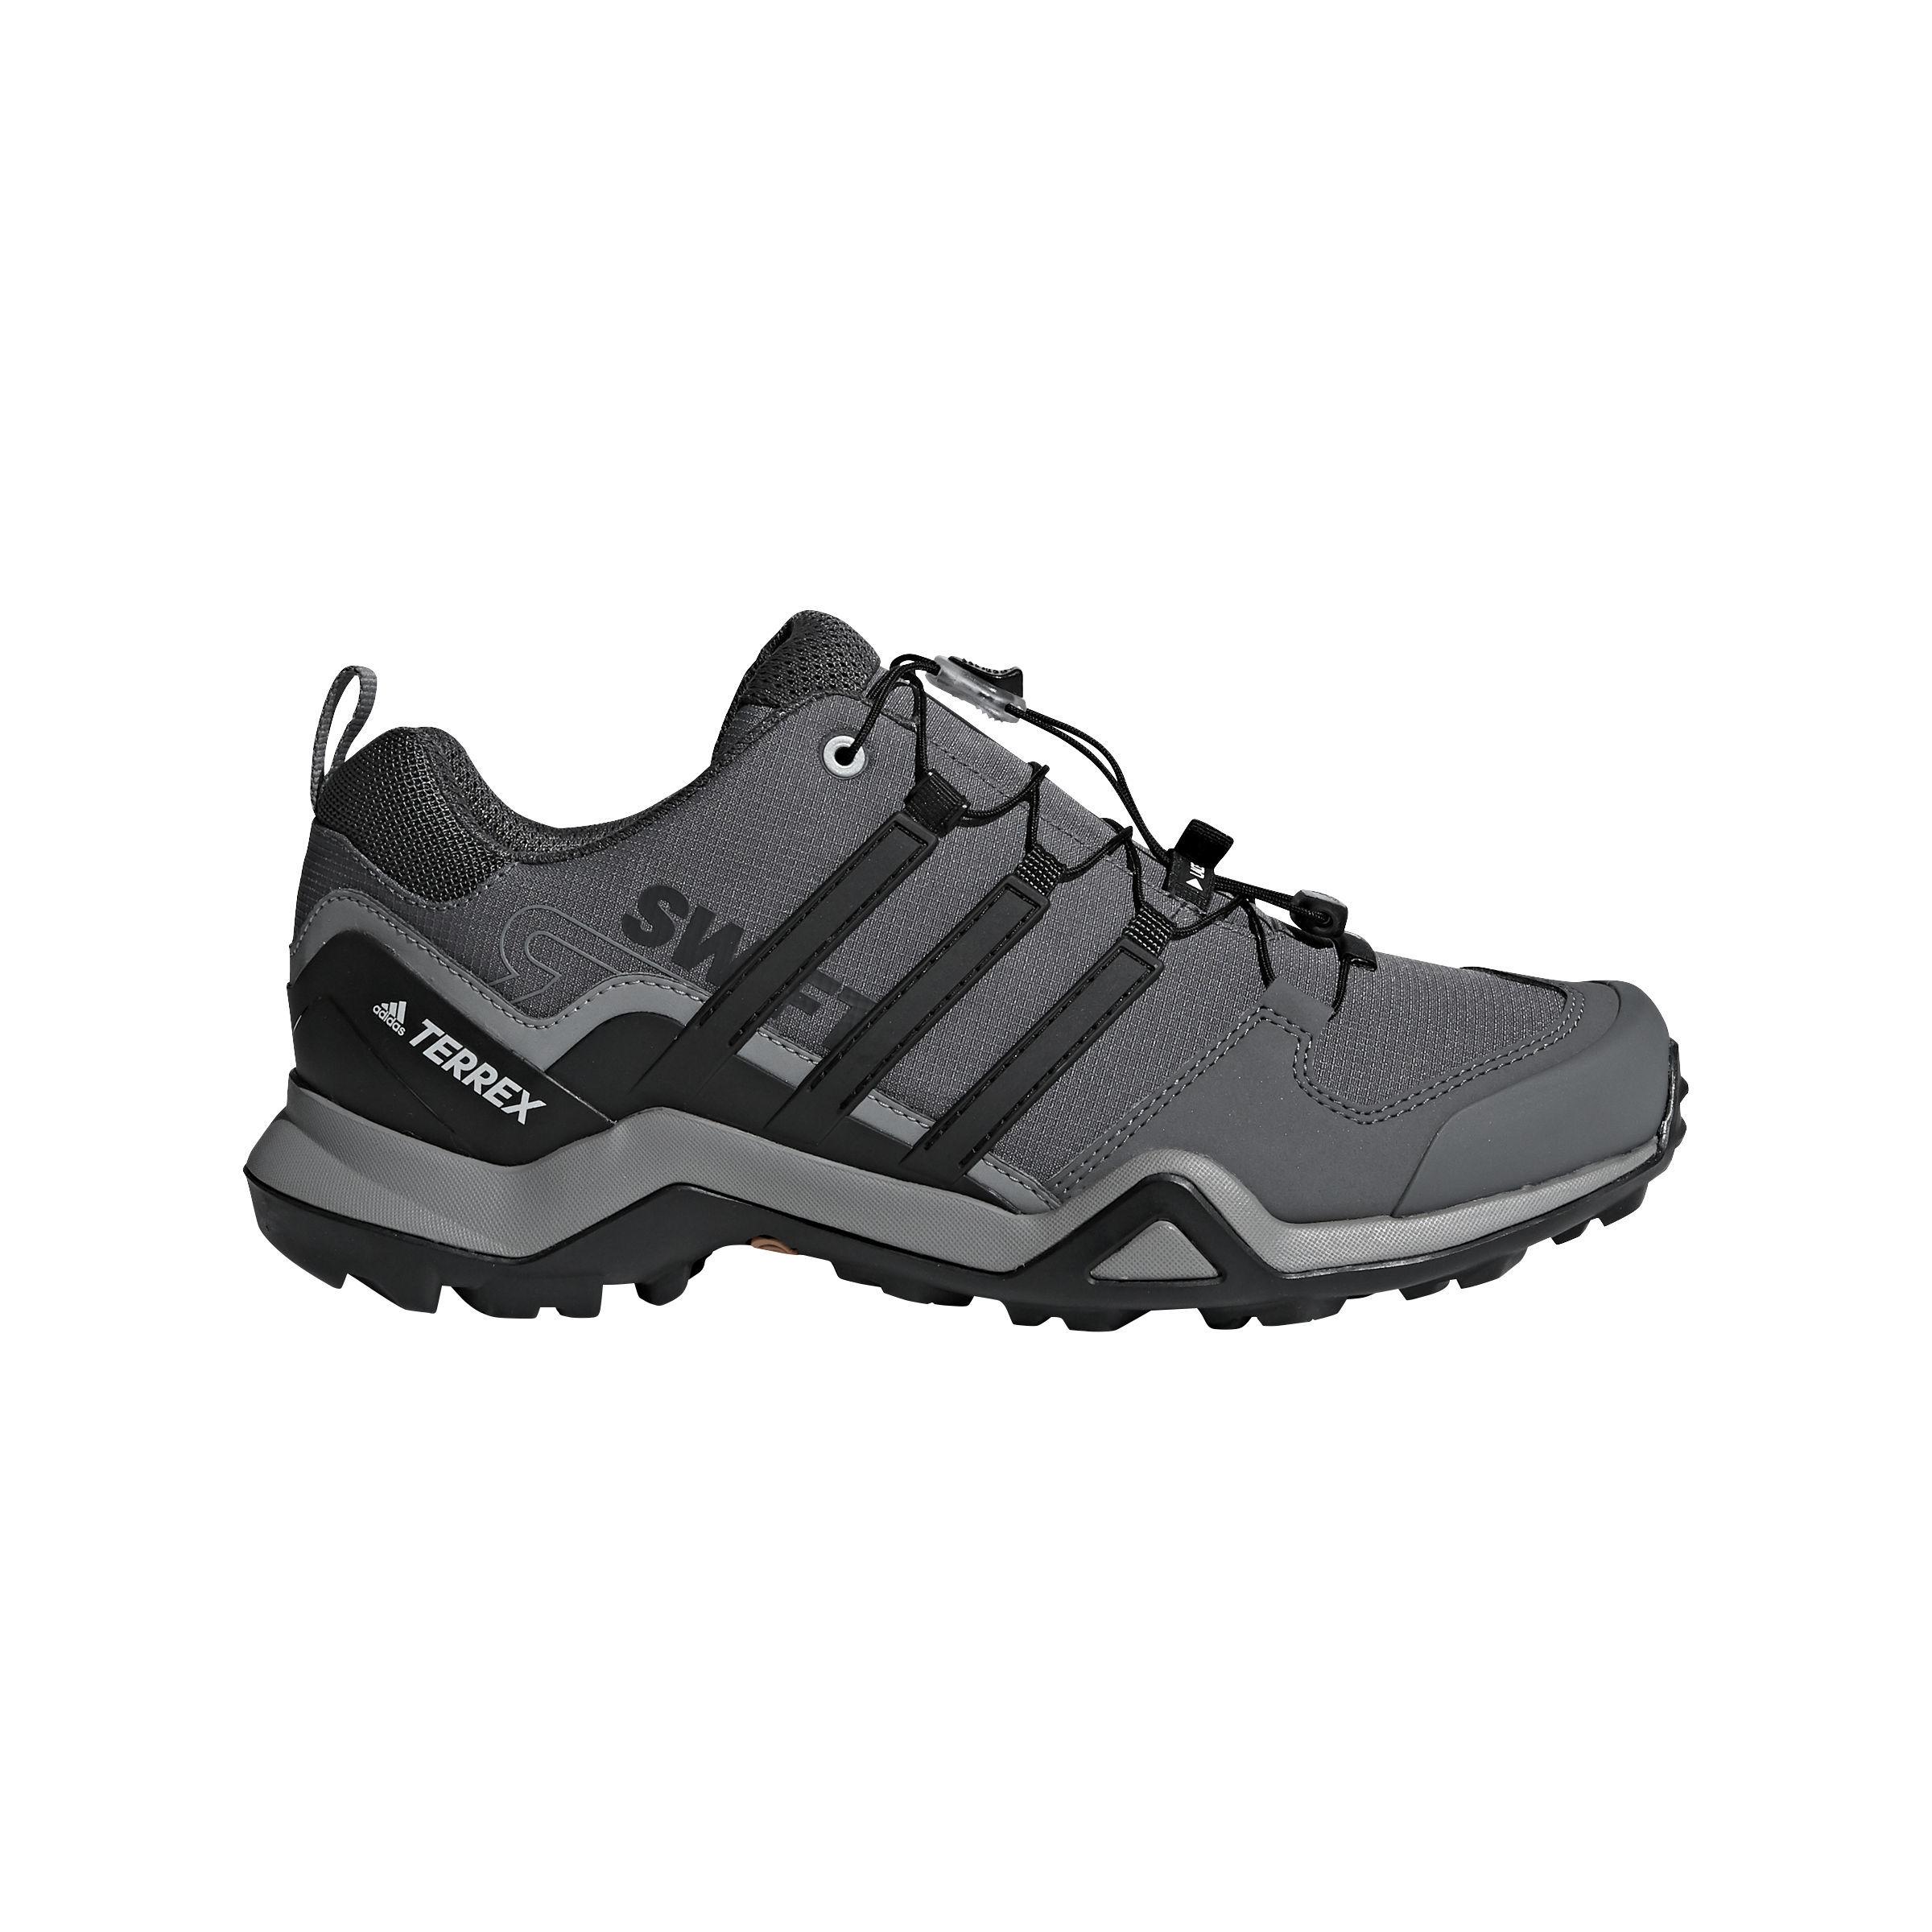 e46321b9c2b9f Adidas Outdoor Terrex Swift R2 Hiking Shoe - Men s